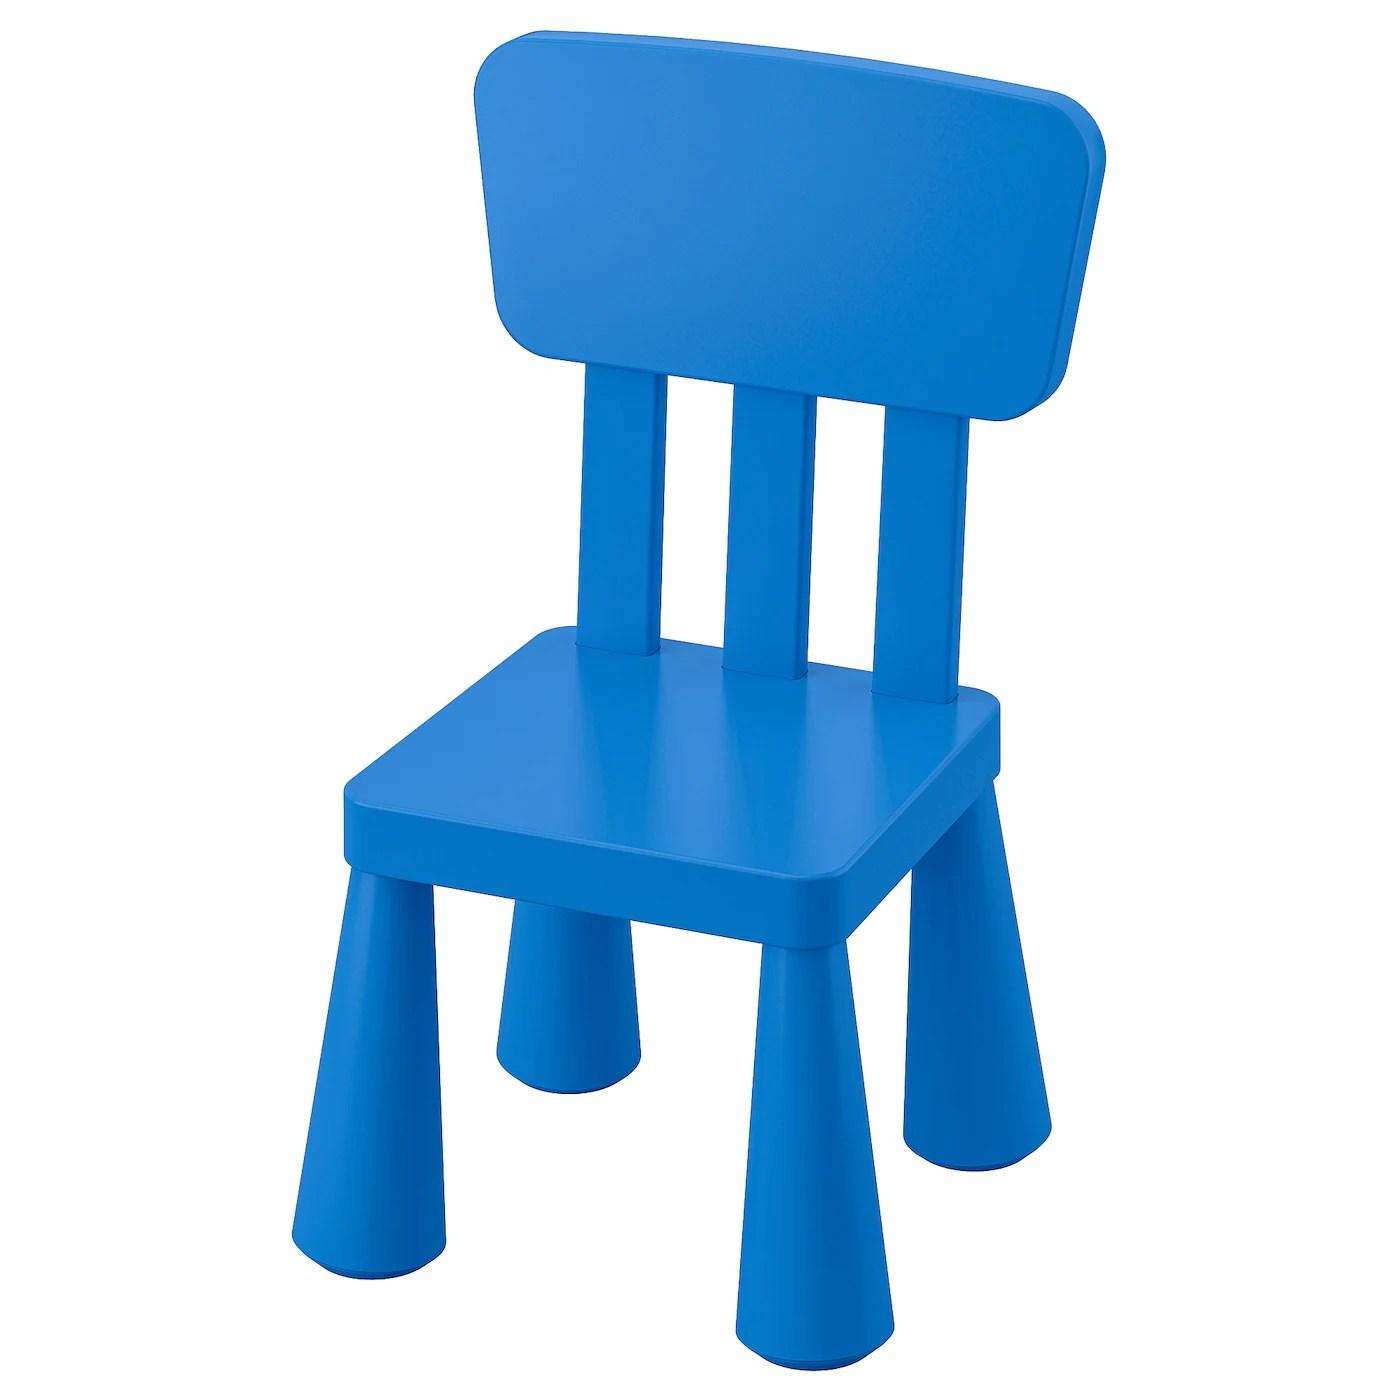 mammut chaise enfant interieur exterieur bleu